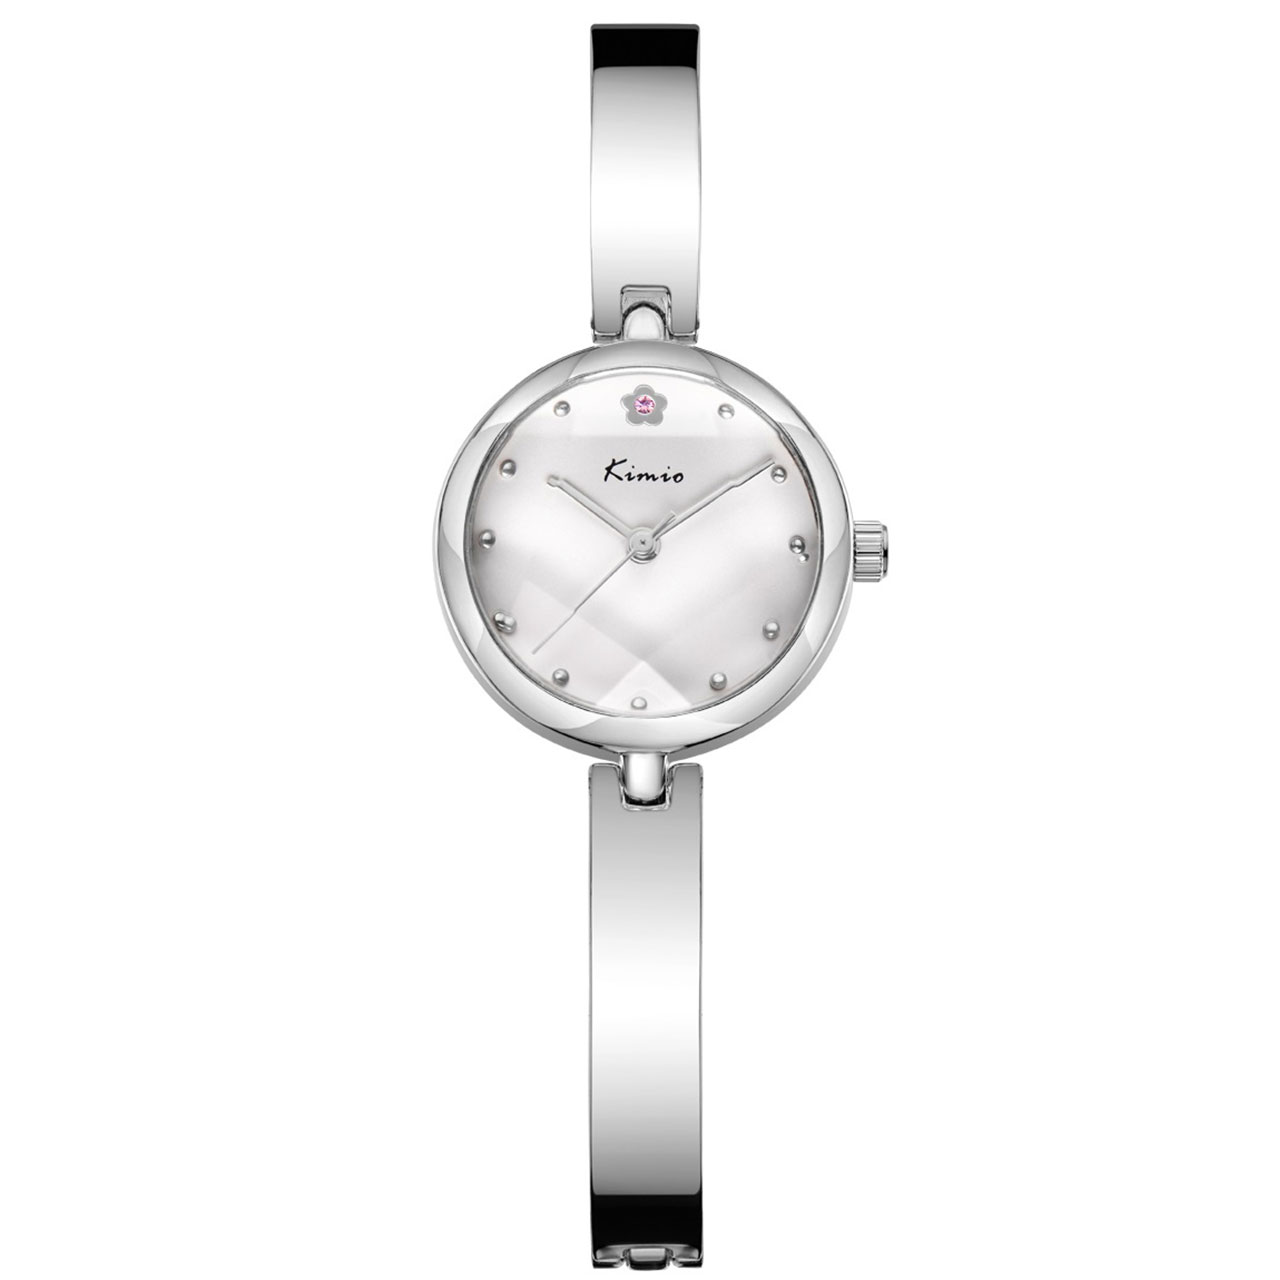 ساعت مچی عقربه ای زنانه کیمیو مدل K6211S-GD1WWW